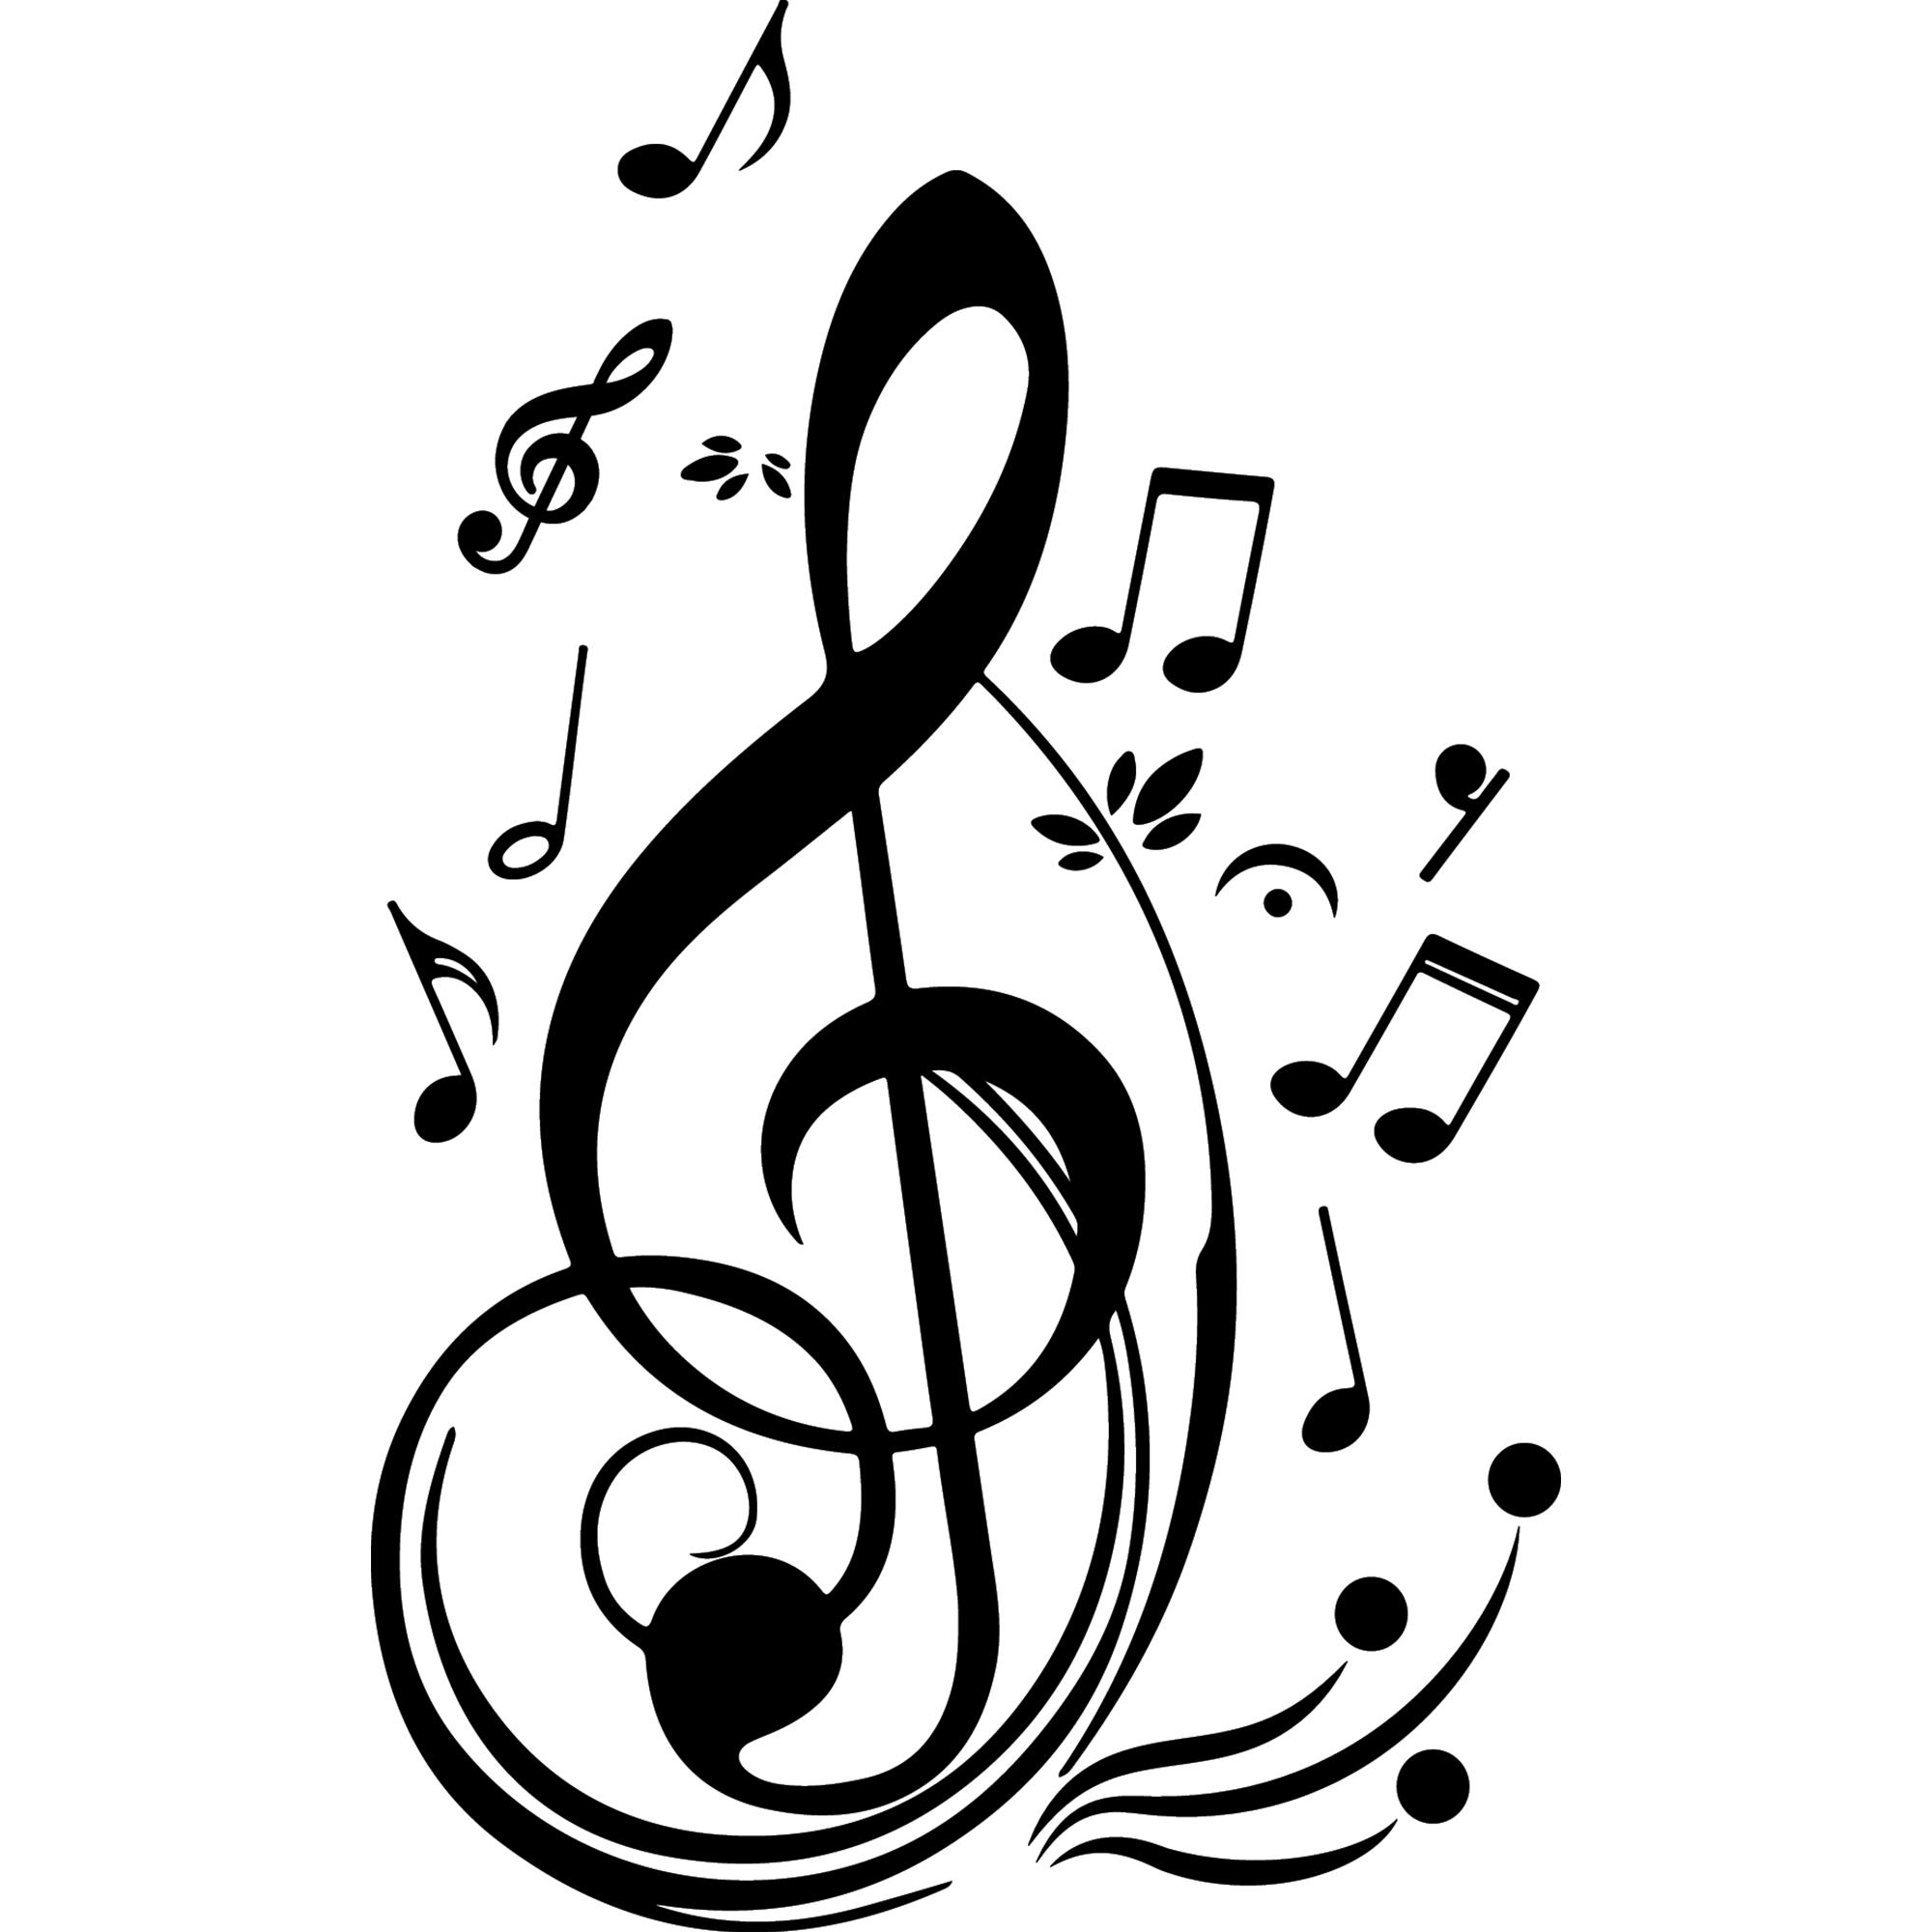 sticker quelques notes de musique stickers musique christian clipart free christian clipart public domain